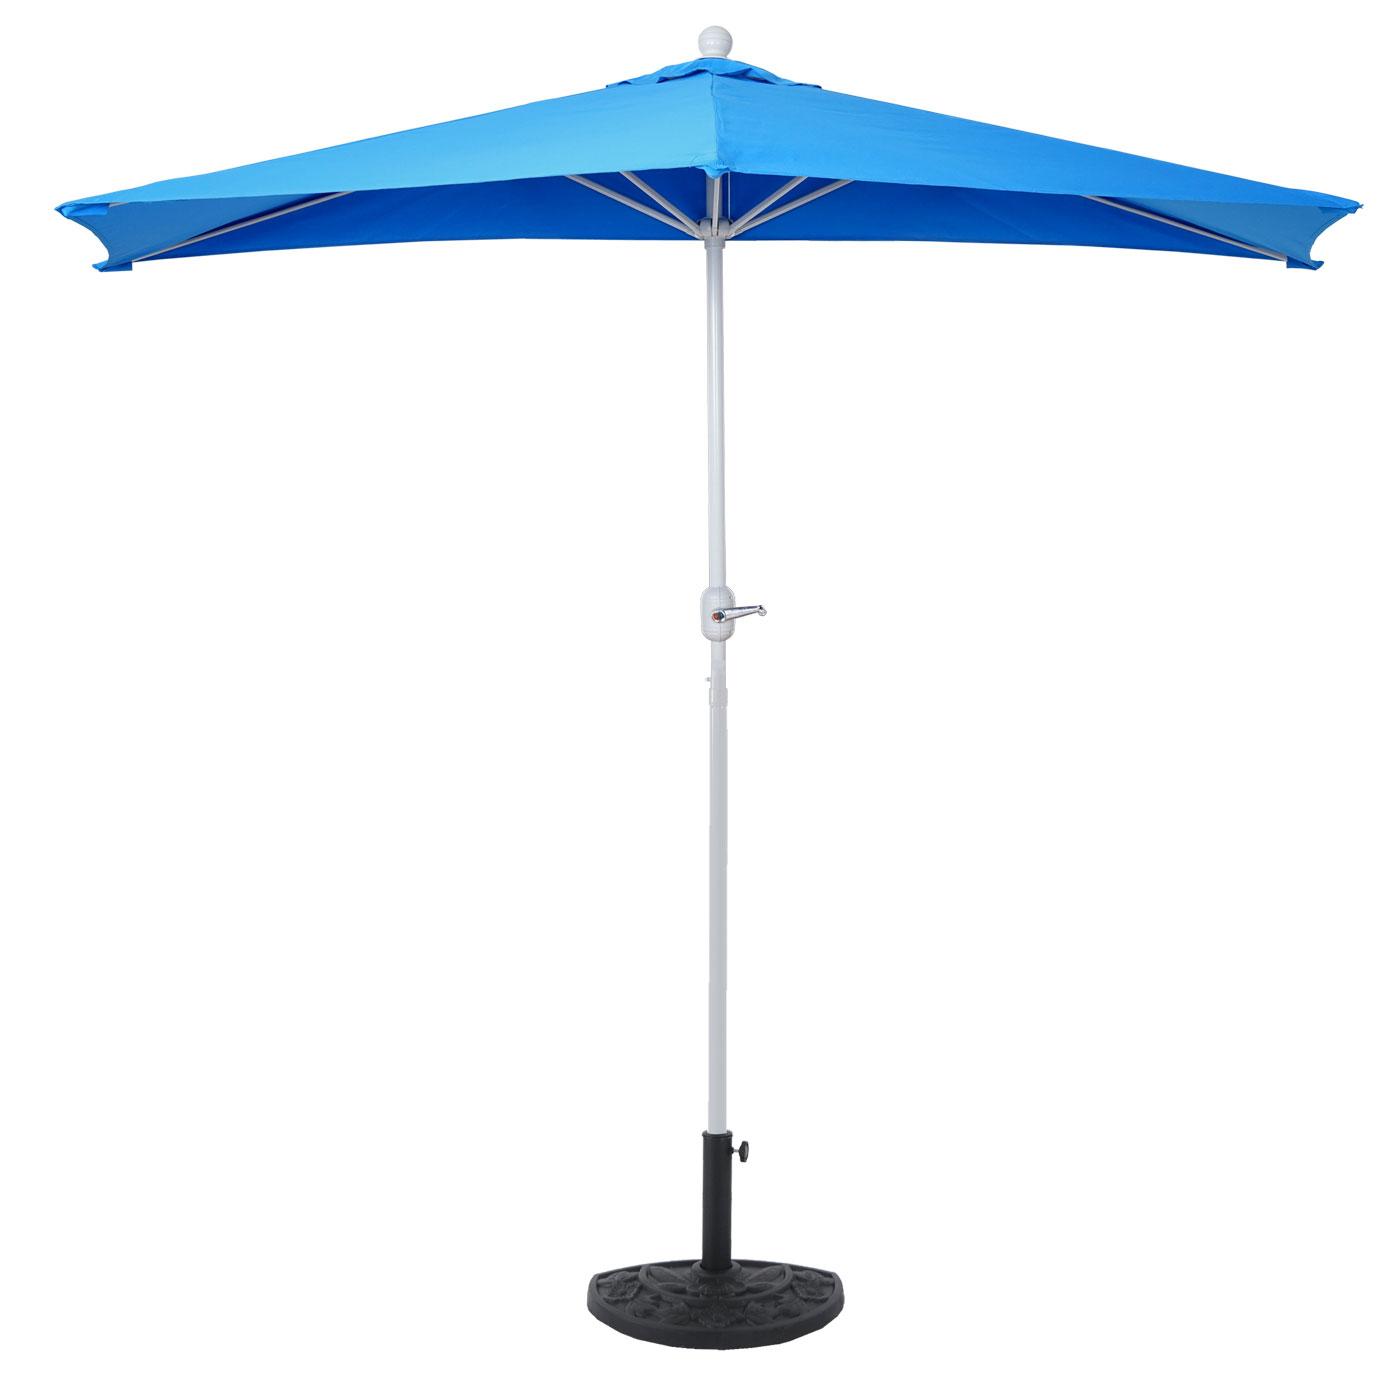 alu sonnenschirm halbrund parla halbschirm balkonschirm uv 50 270cm blau mit st nder. Black Bedroom Furniture Sets. Home Design Ideas